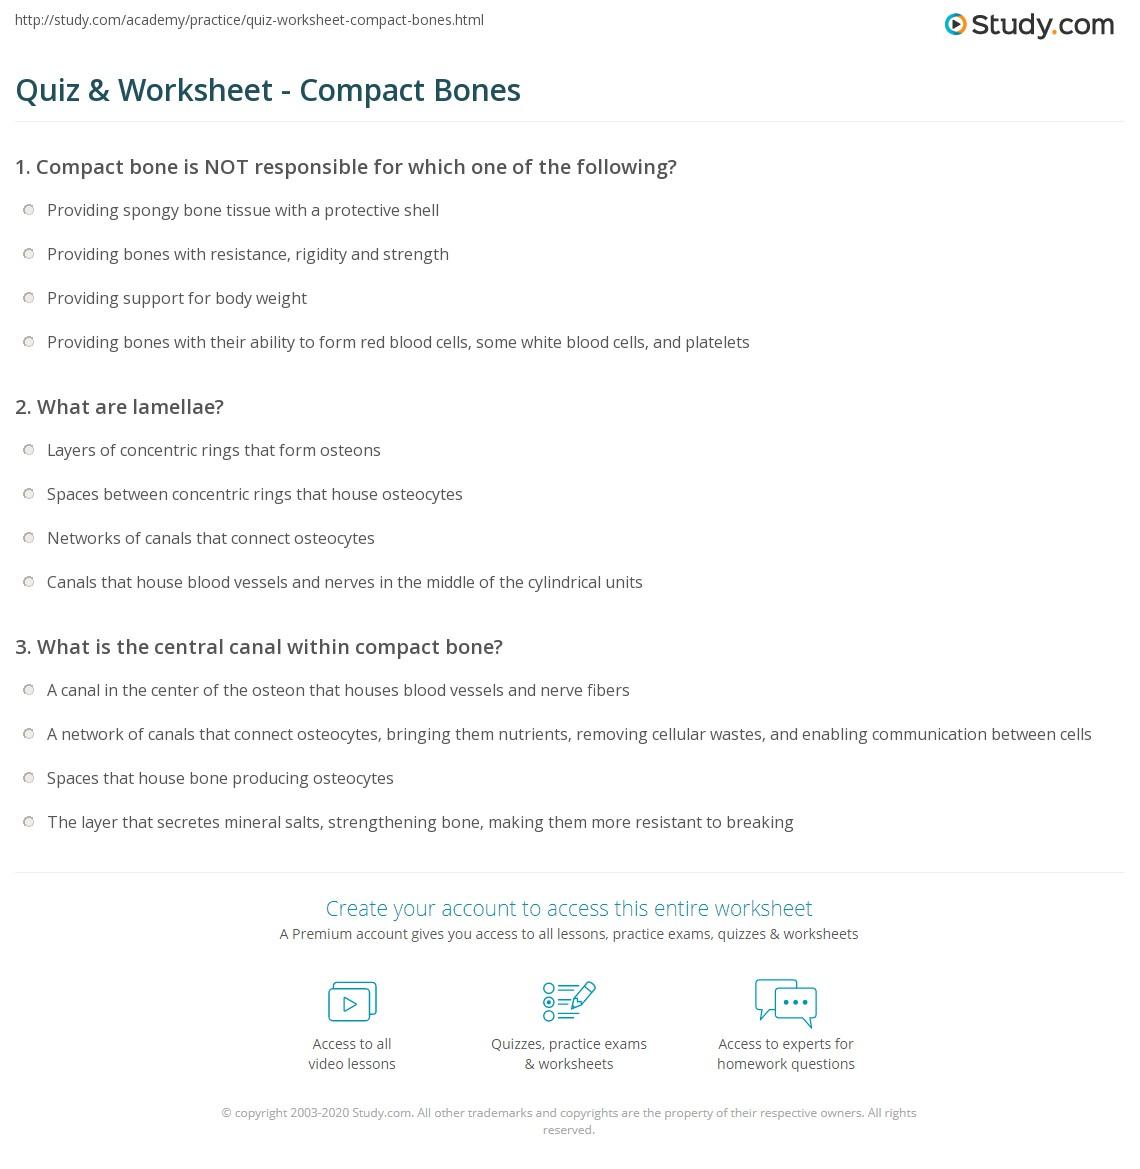 Quiz Worksheet Compact Bones Study